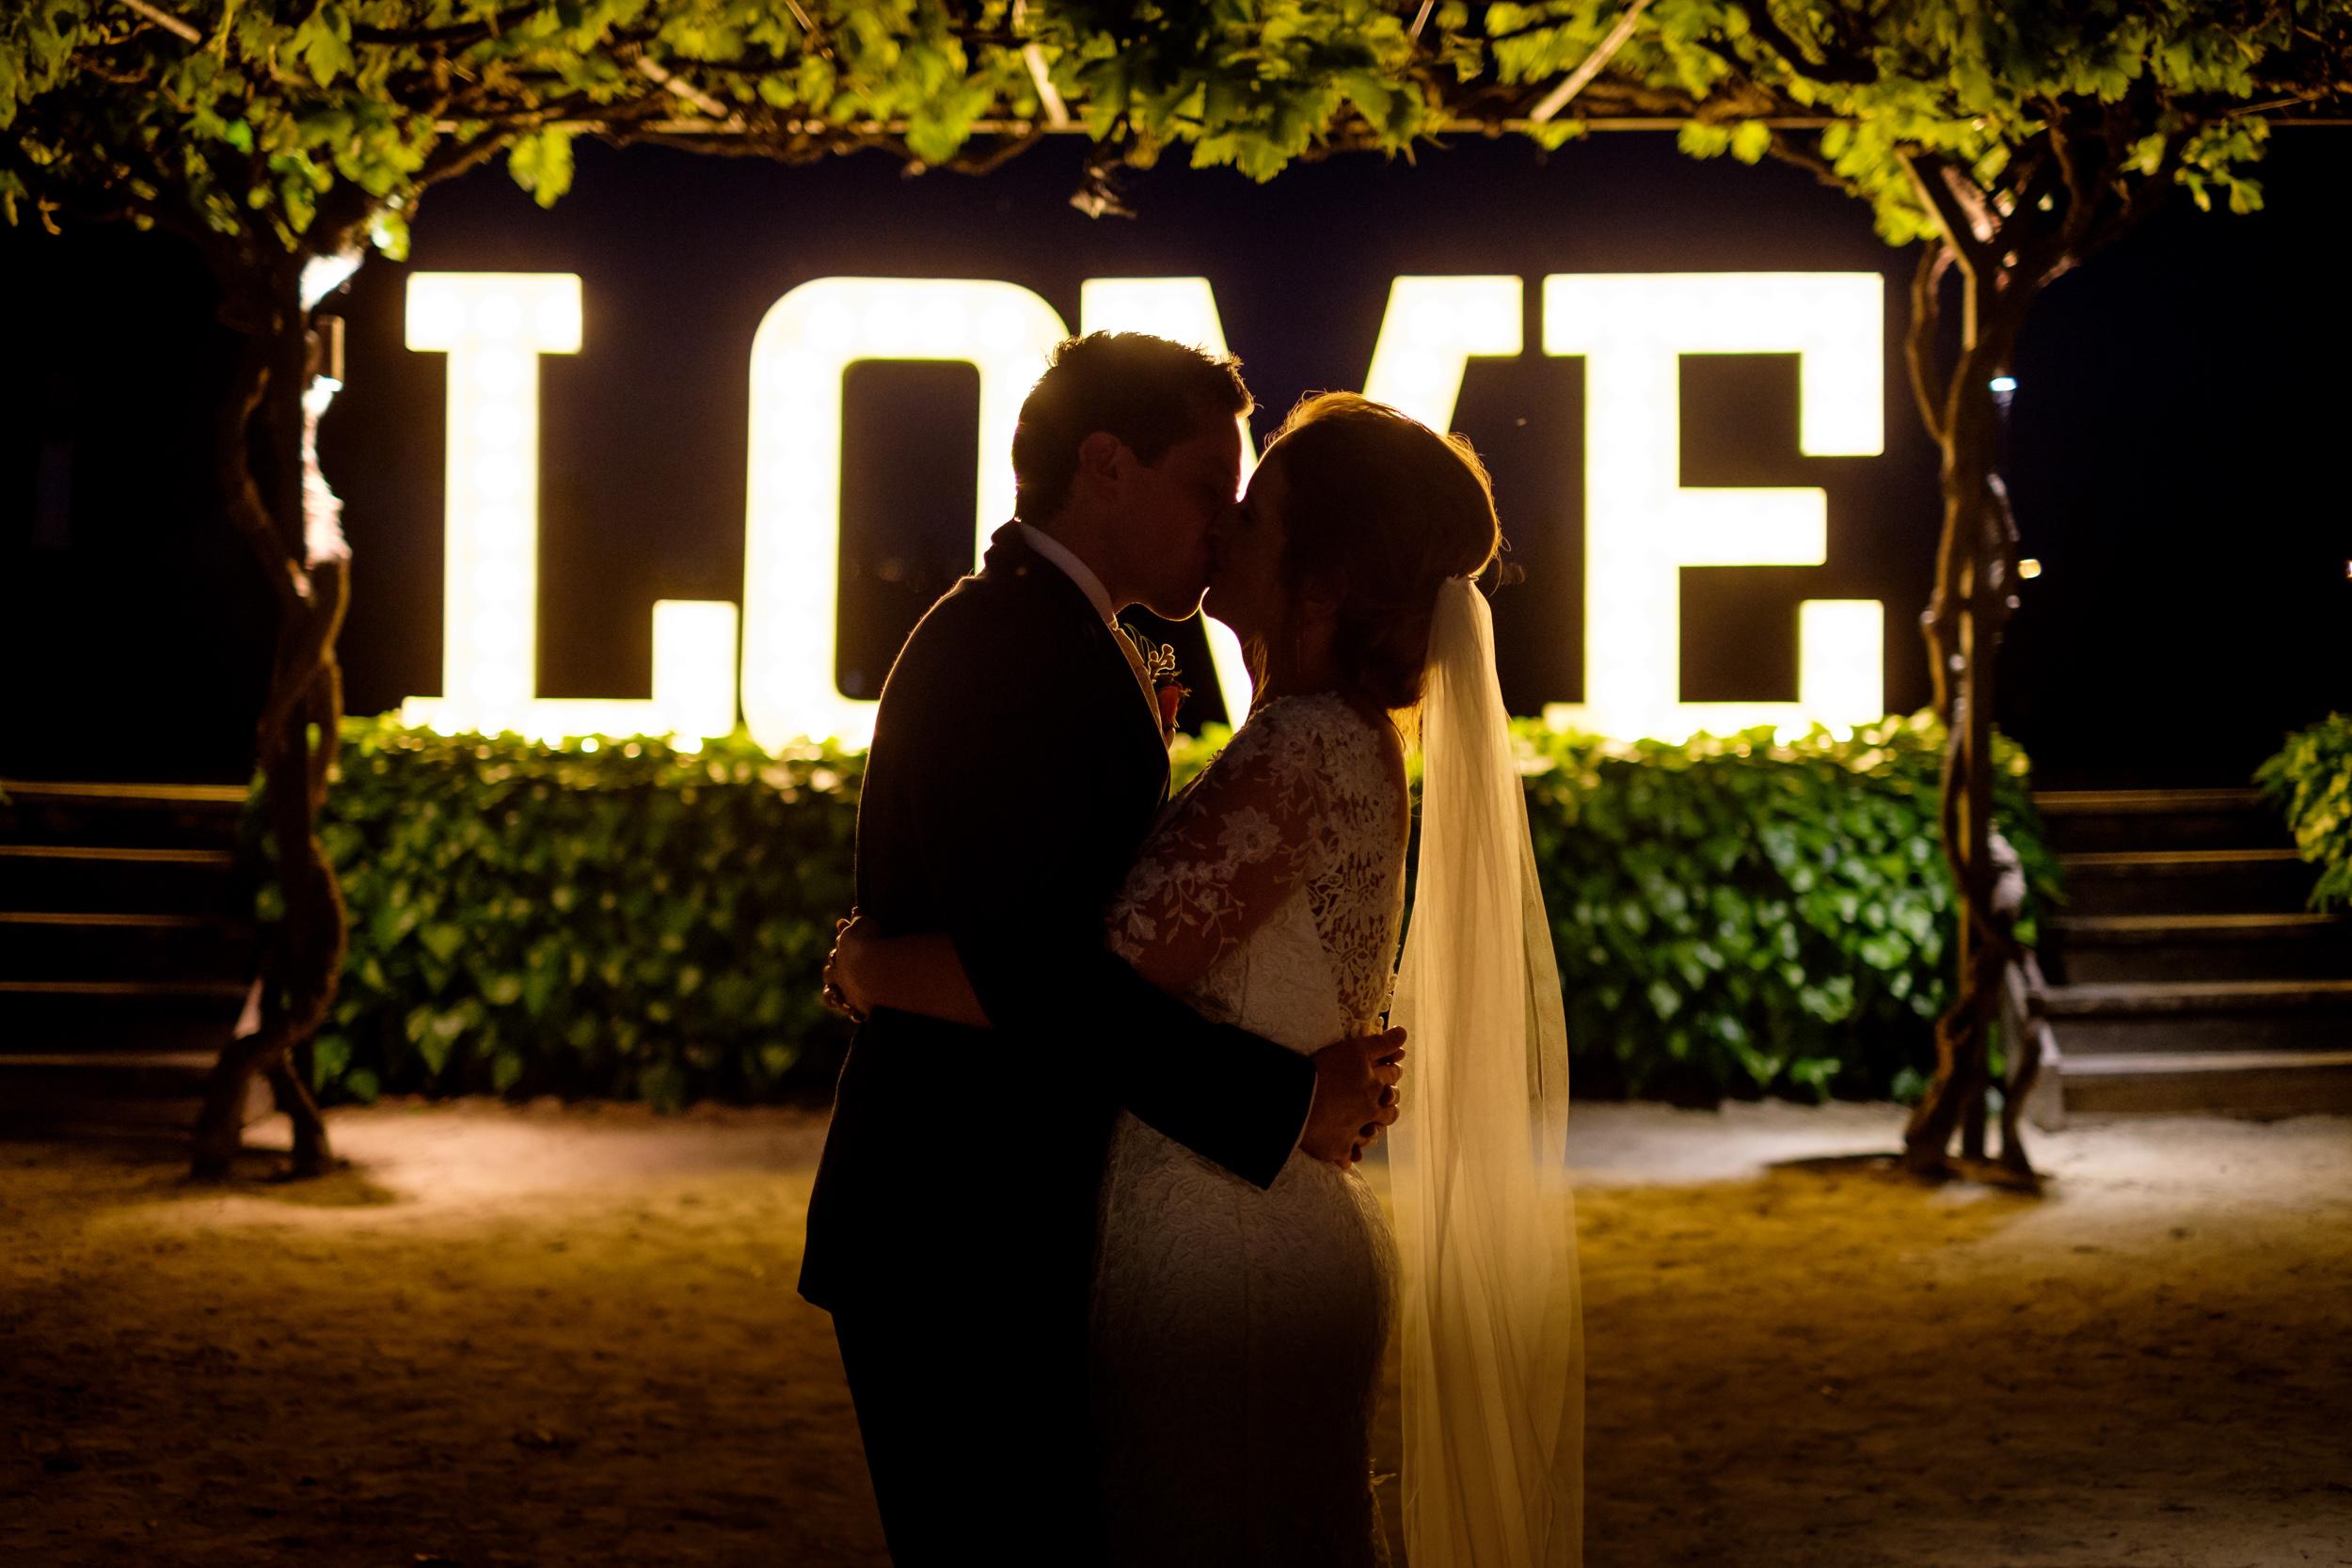 lumina-love-sign